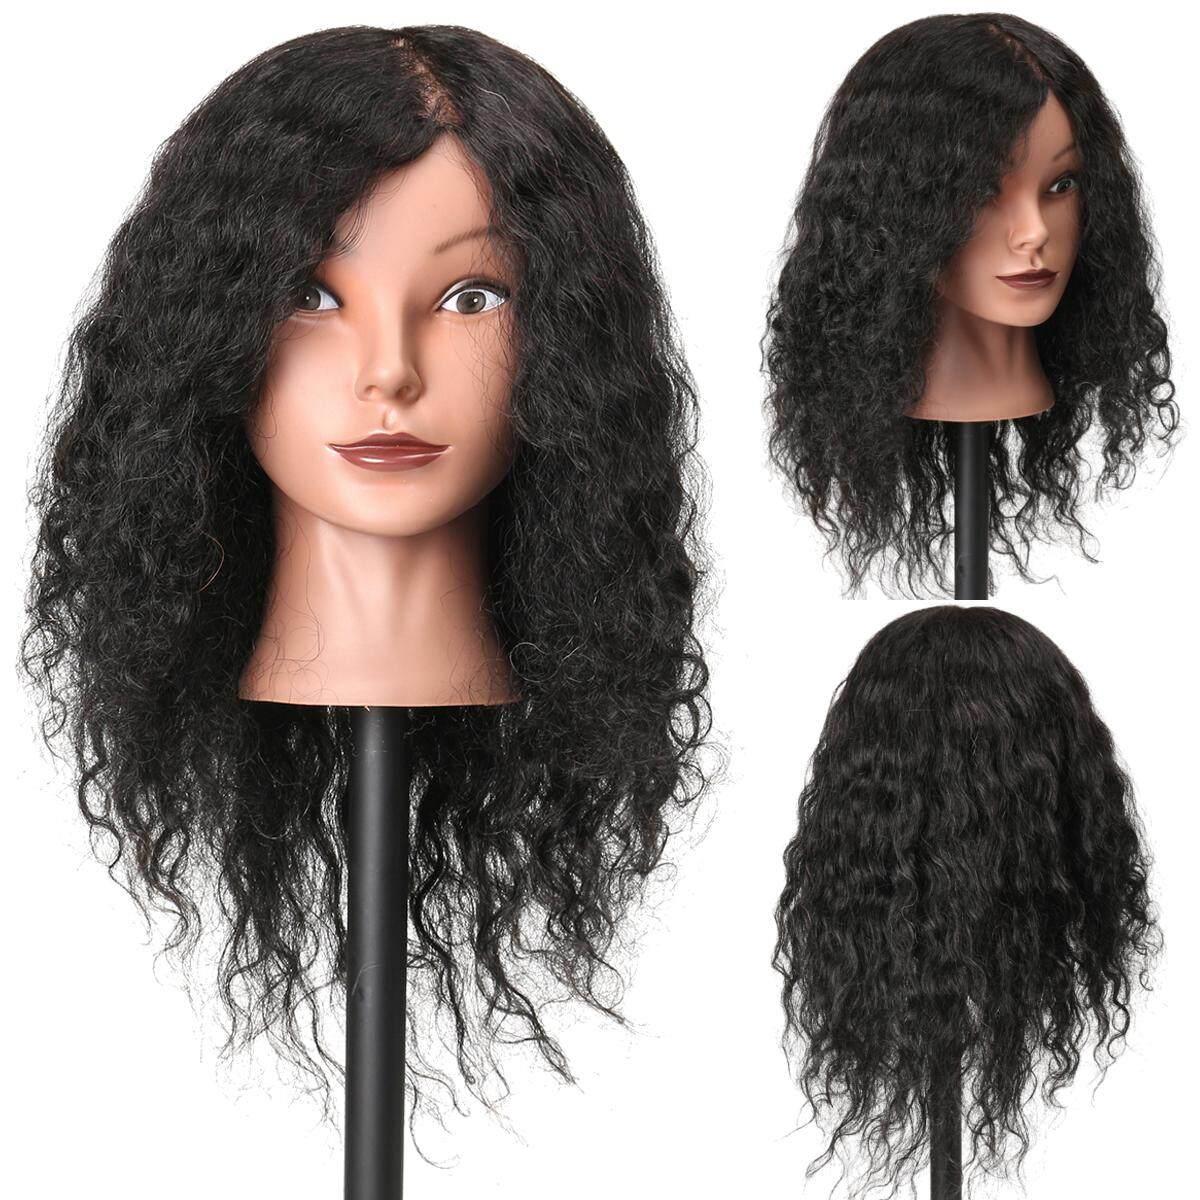 100% Salon Rambut Manis Nyata Hairdressing Latihan Kepala Praktek Model-Internasional